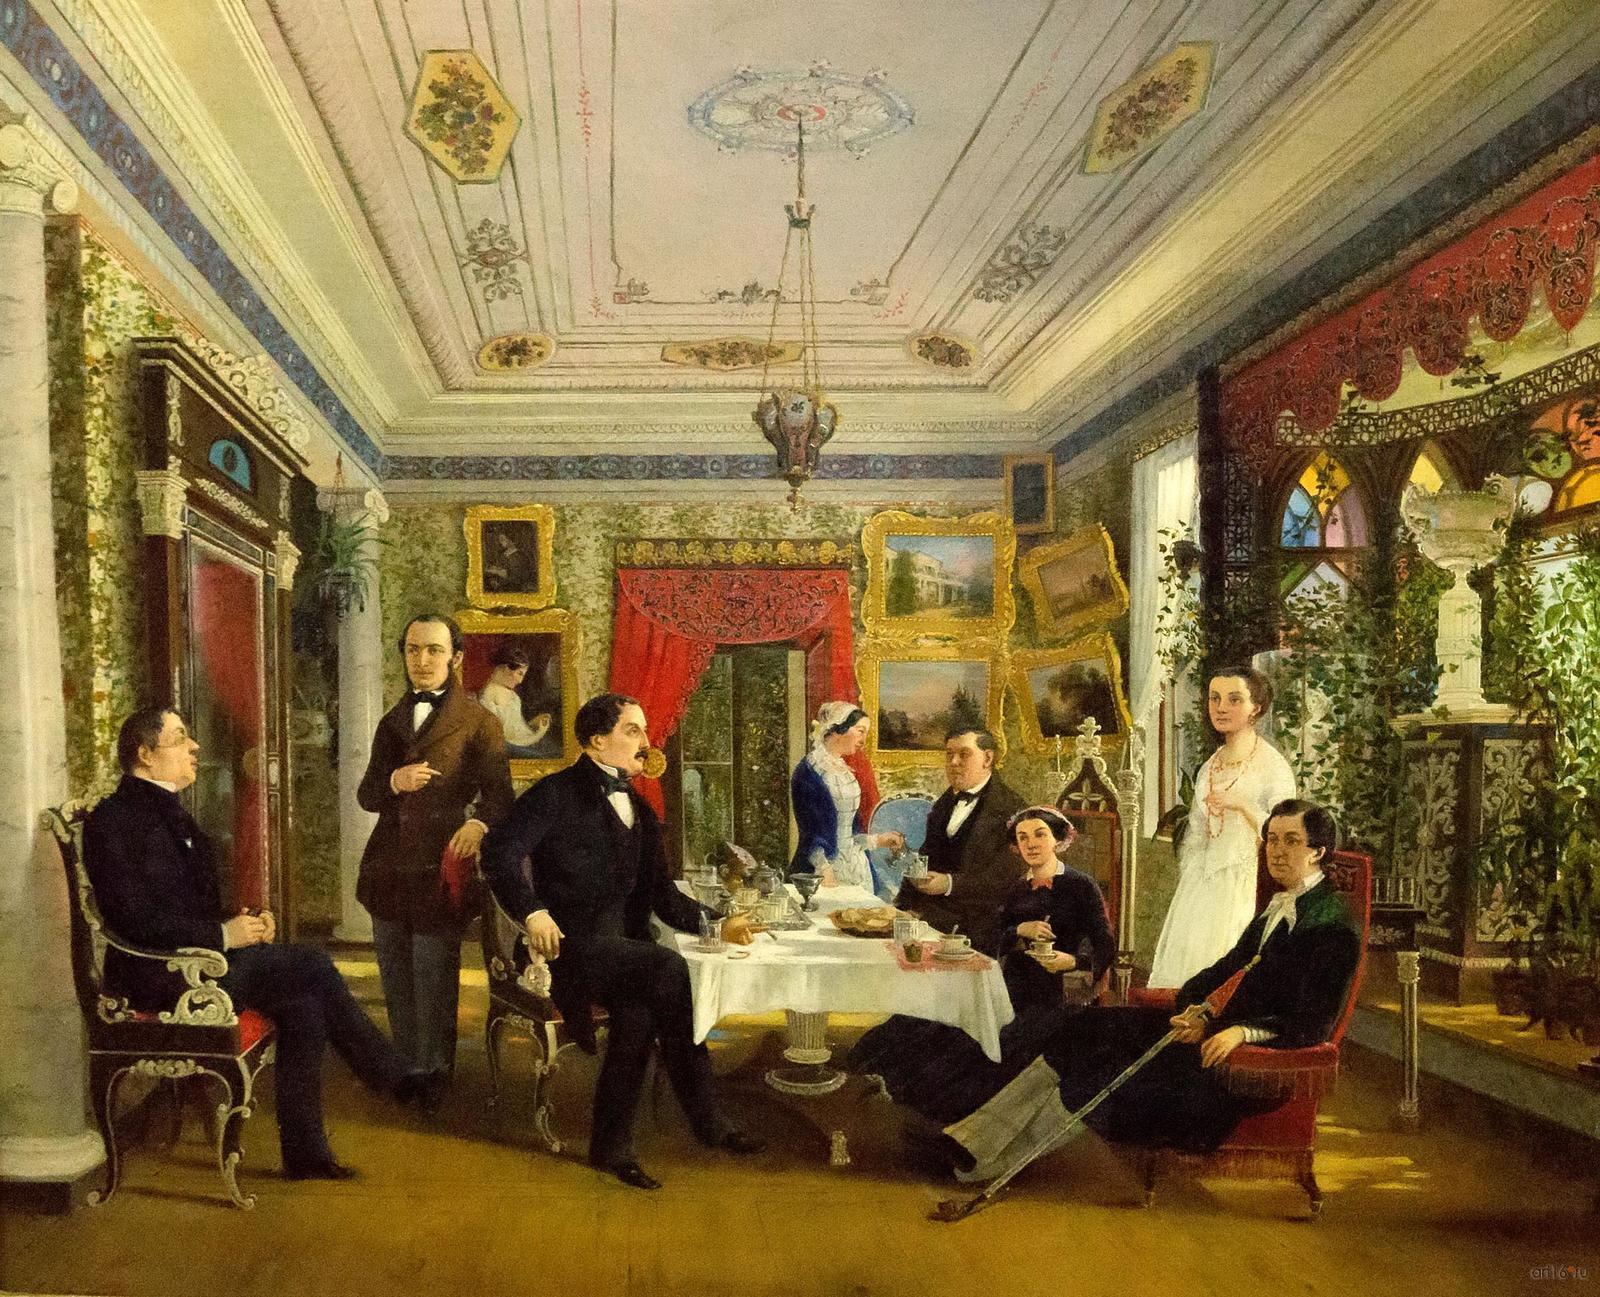 Фото №861151. За чайным столом. 1851. Волосков Алексей Яковлевич. 1822-1882